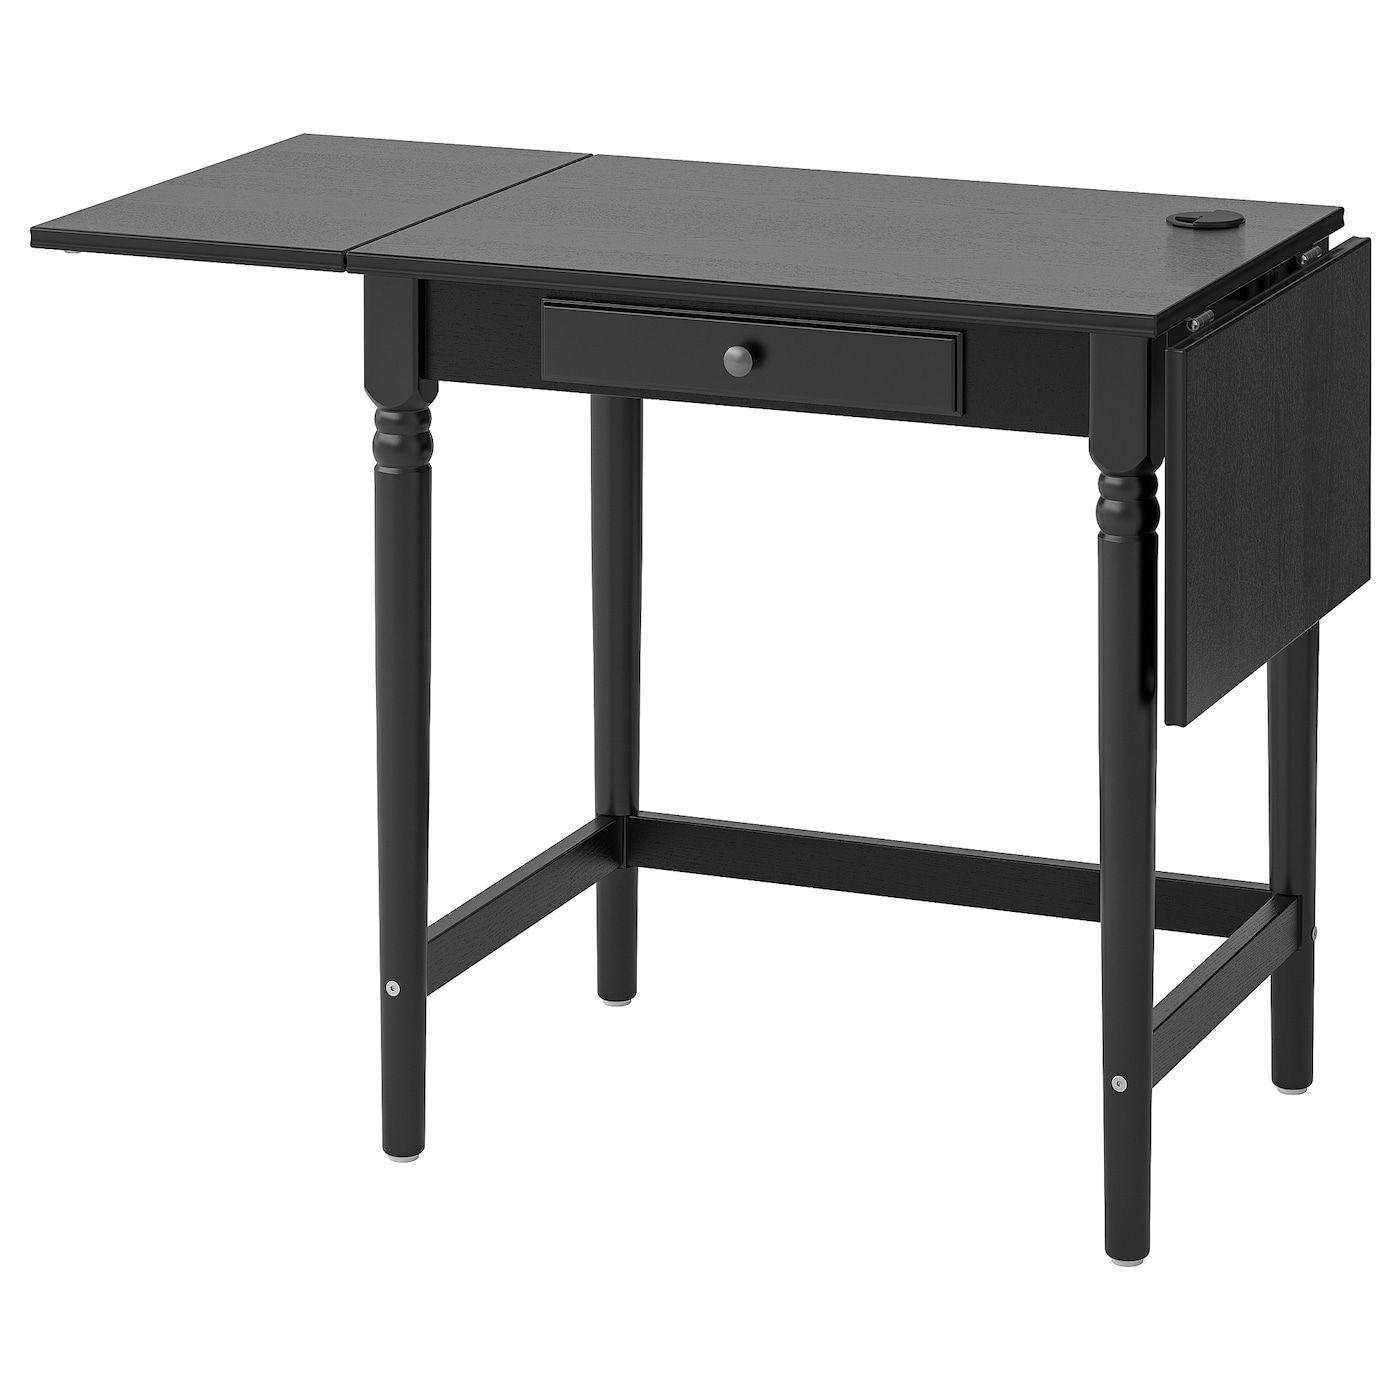 Ingatorp Desk Black 28 3 4x19 5 8 Ikea In 2020 Black Desk Desk Ikea